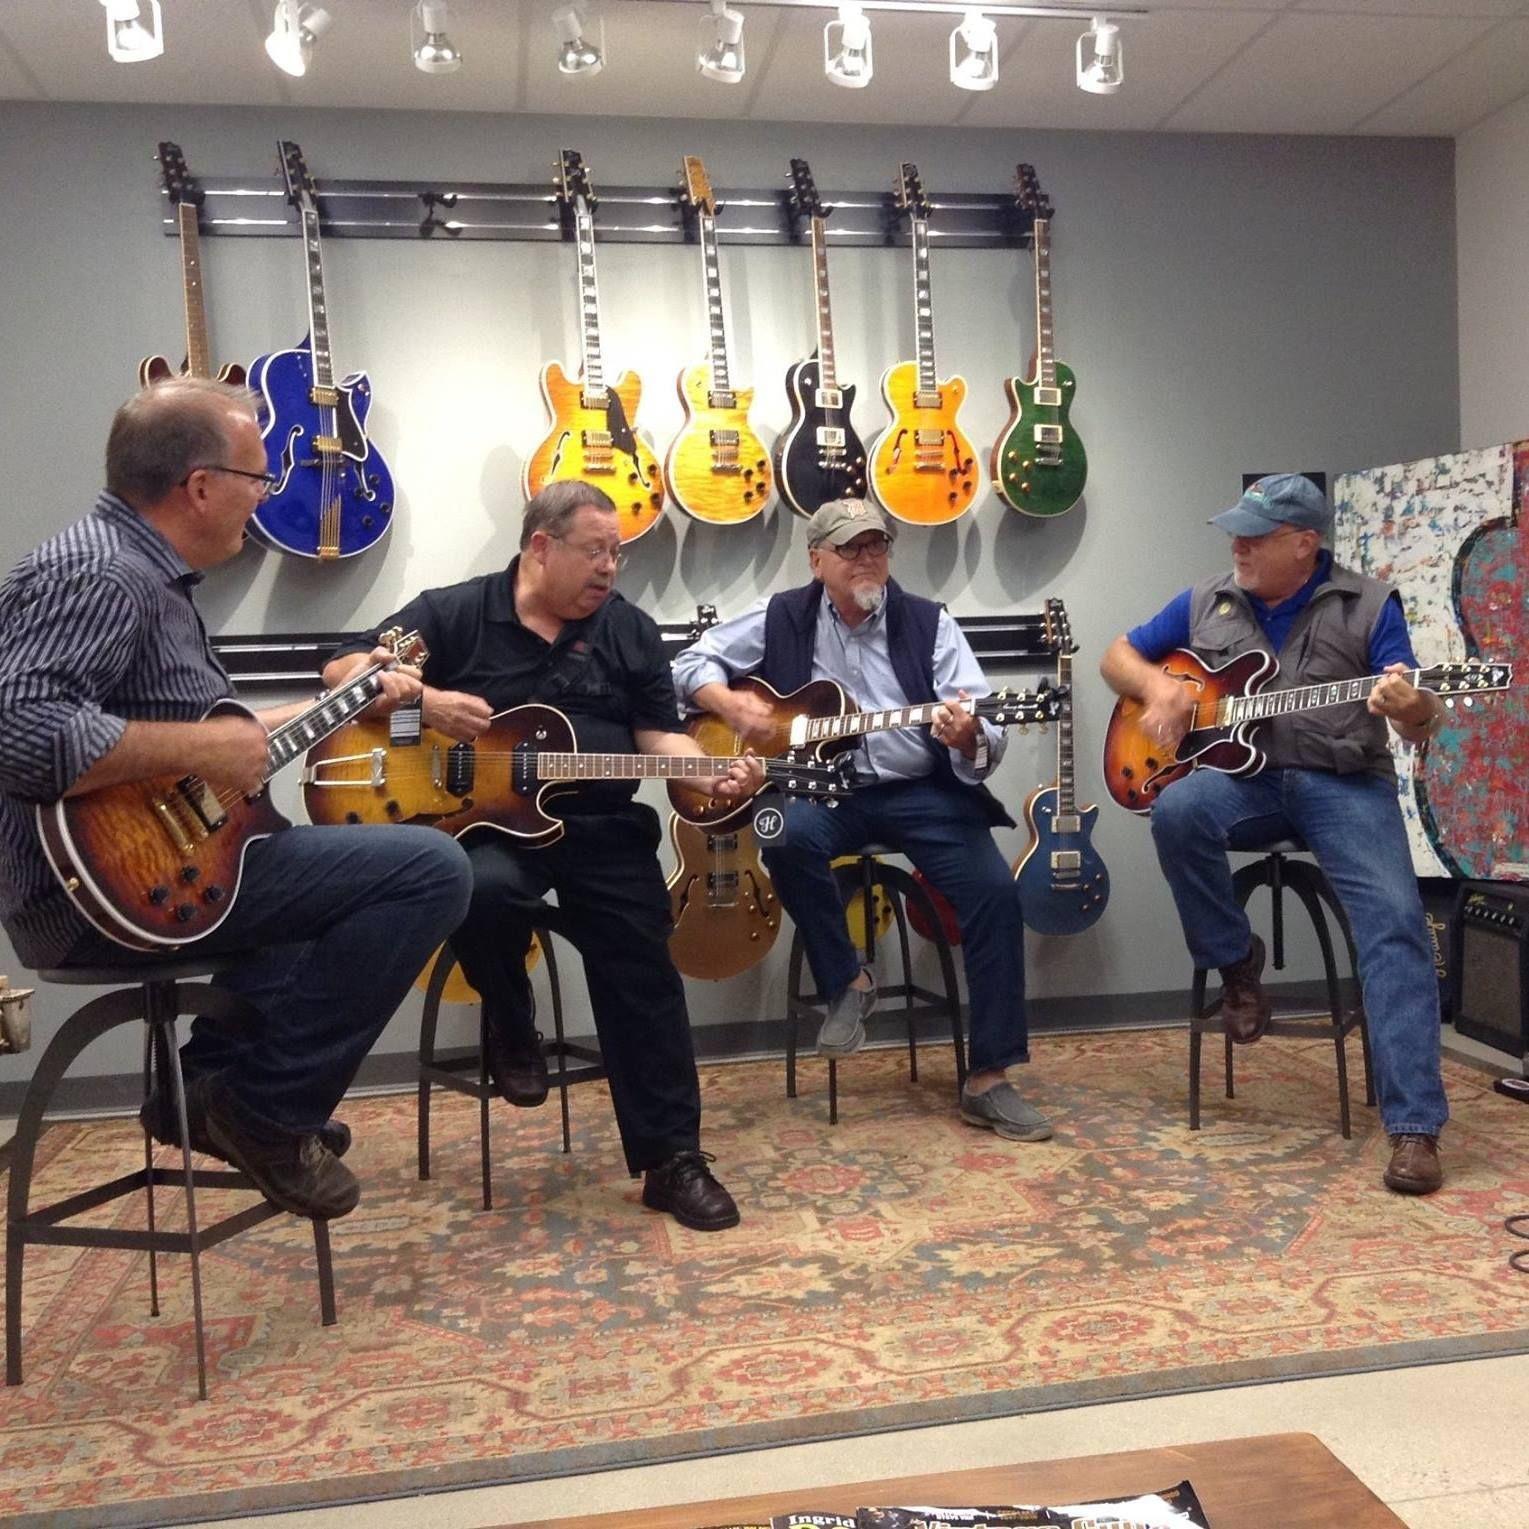 Outdoor Lighting Keller Tx: Michael E. - Keller Folk Music Society (Keller, TX)